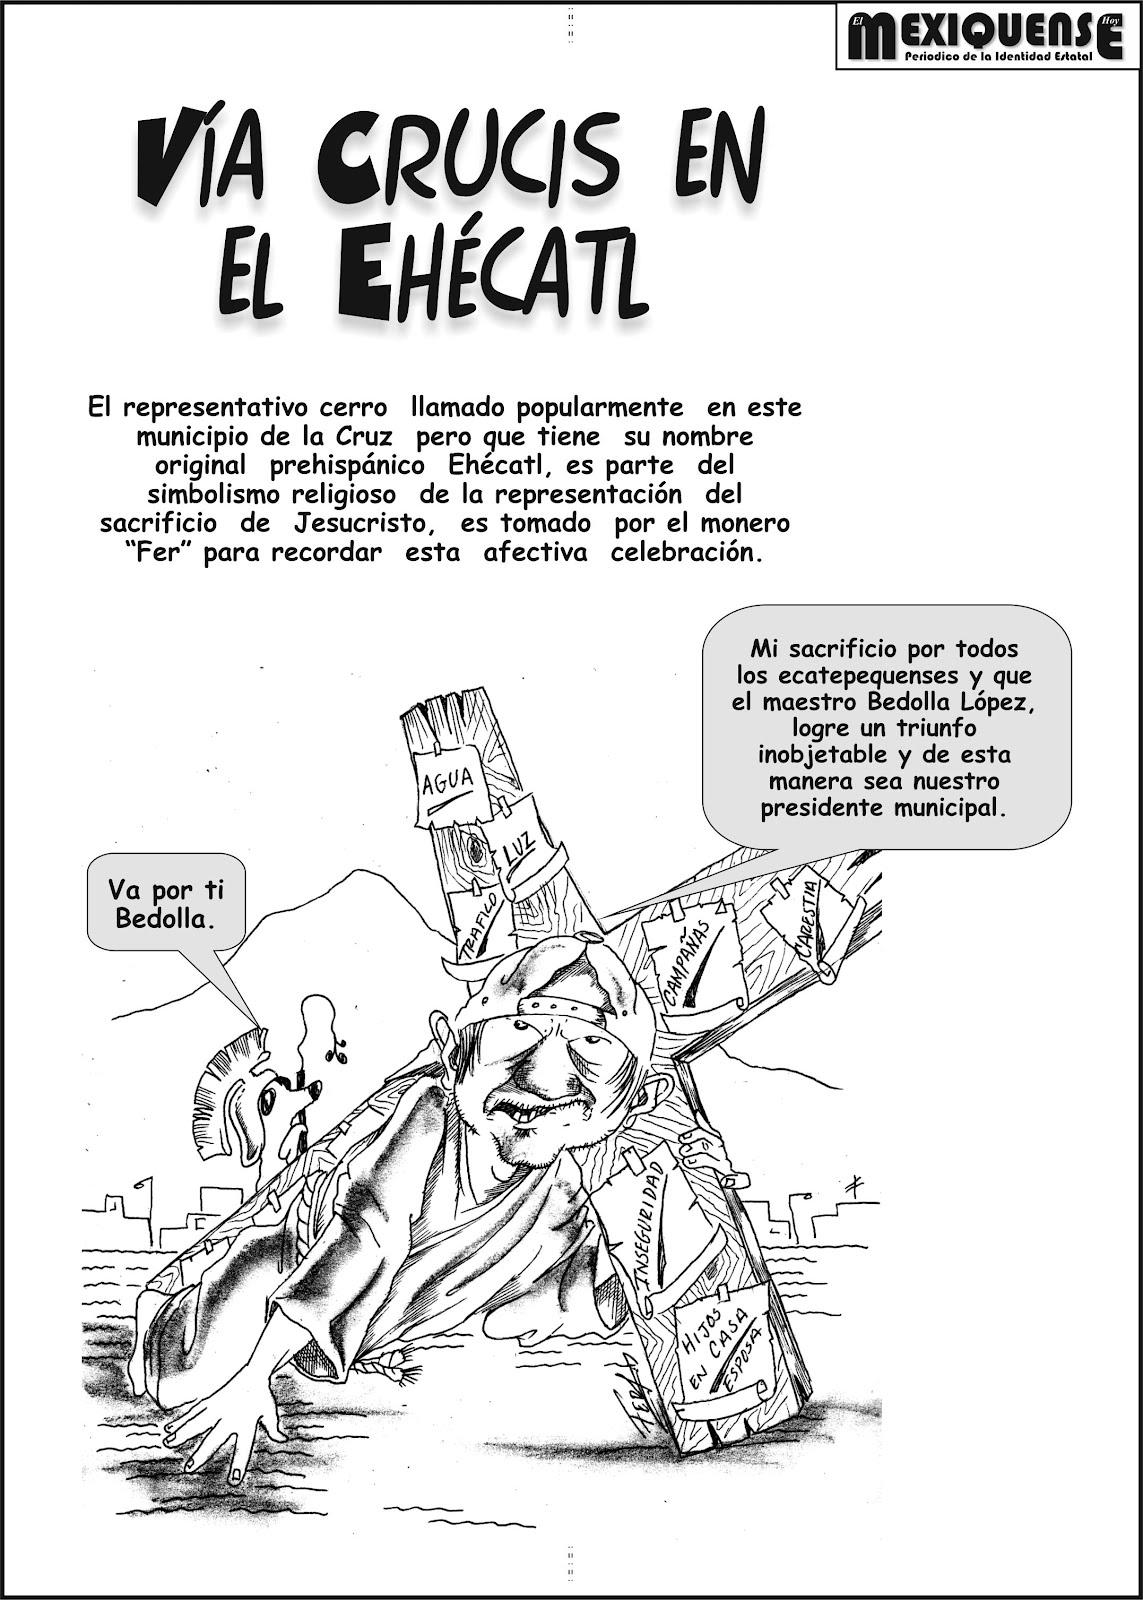 El mexiquense Hoy: Vía Crucis en el Ehécatl